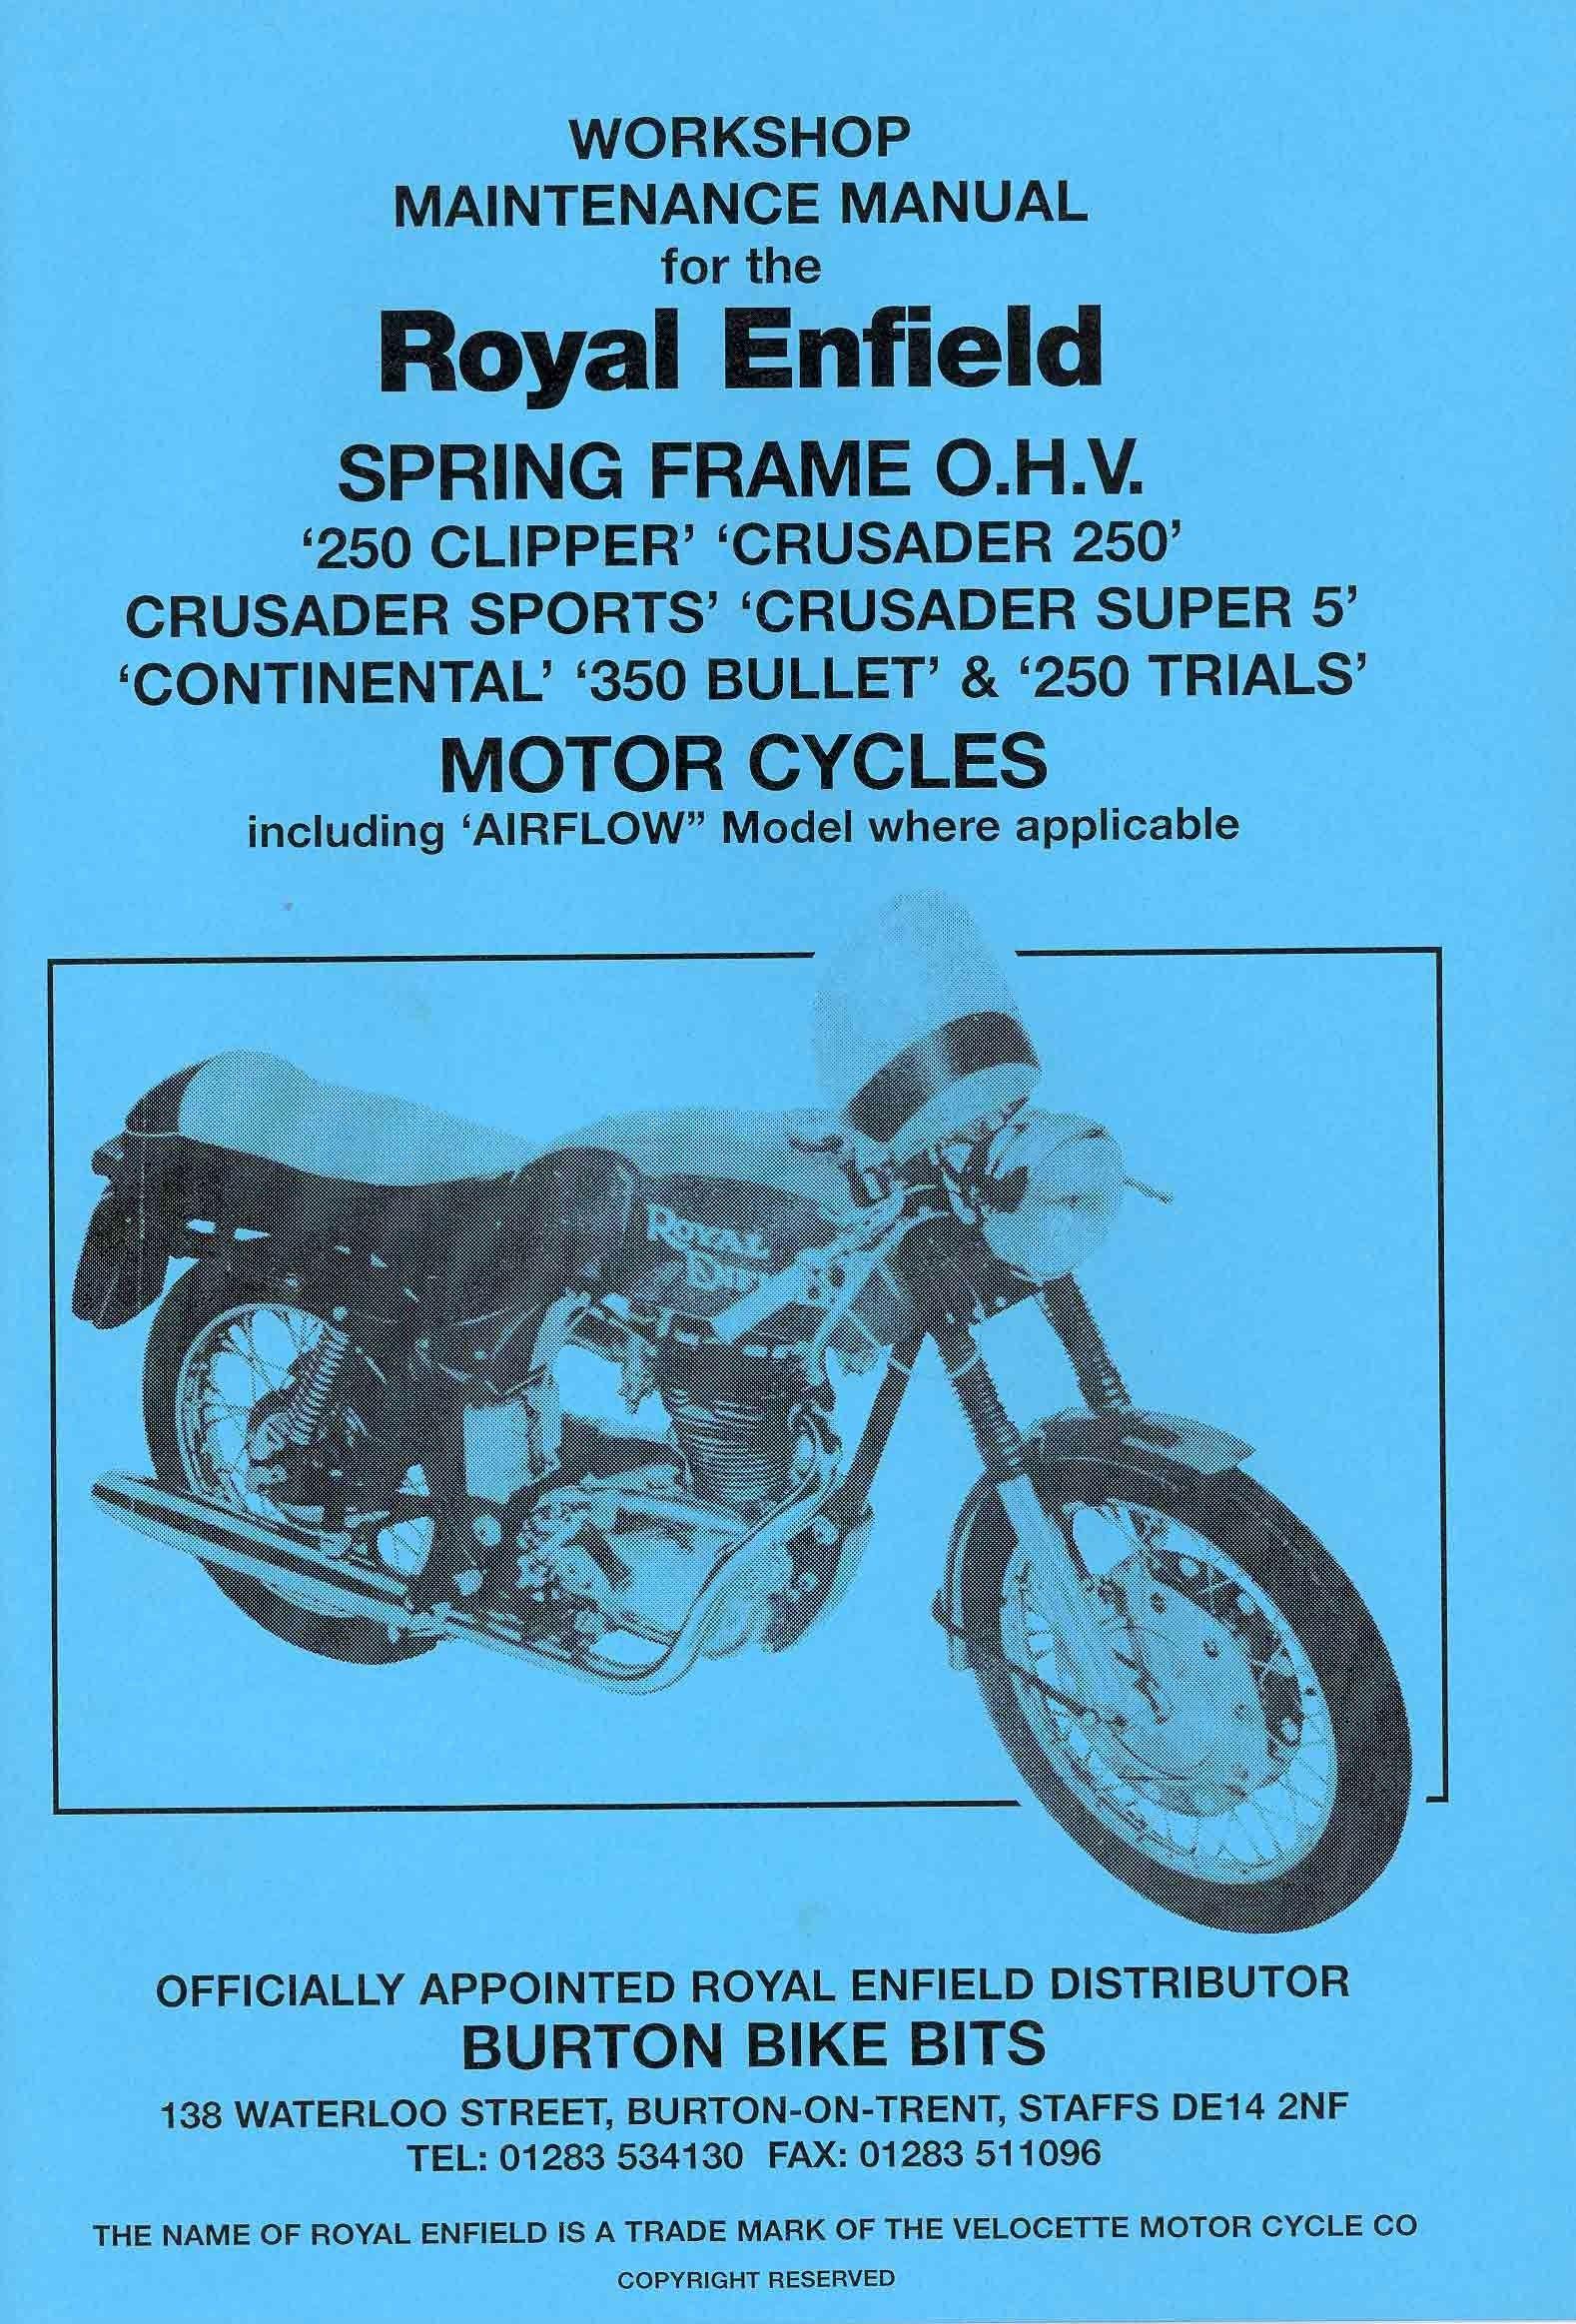 Royal Enfield Spring Frame OHV Workshop Manual